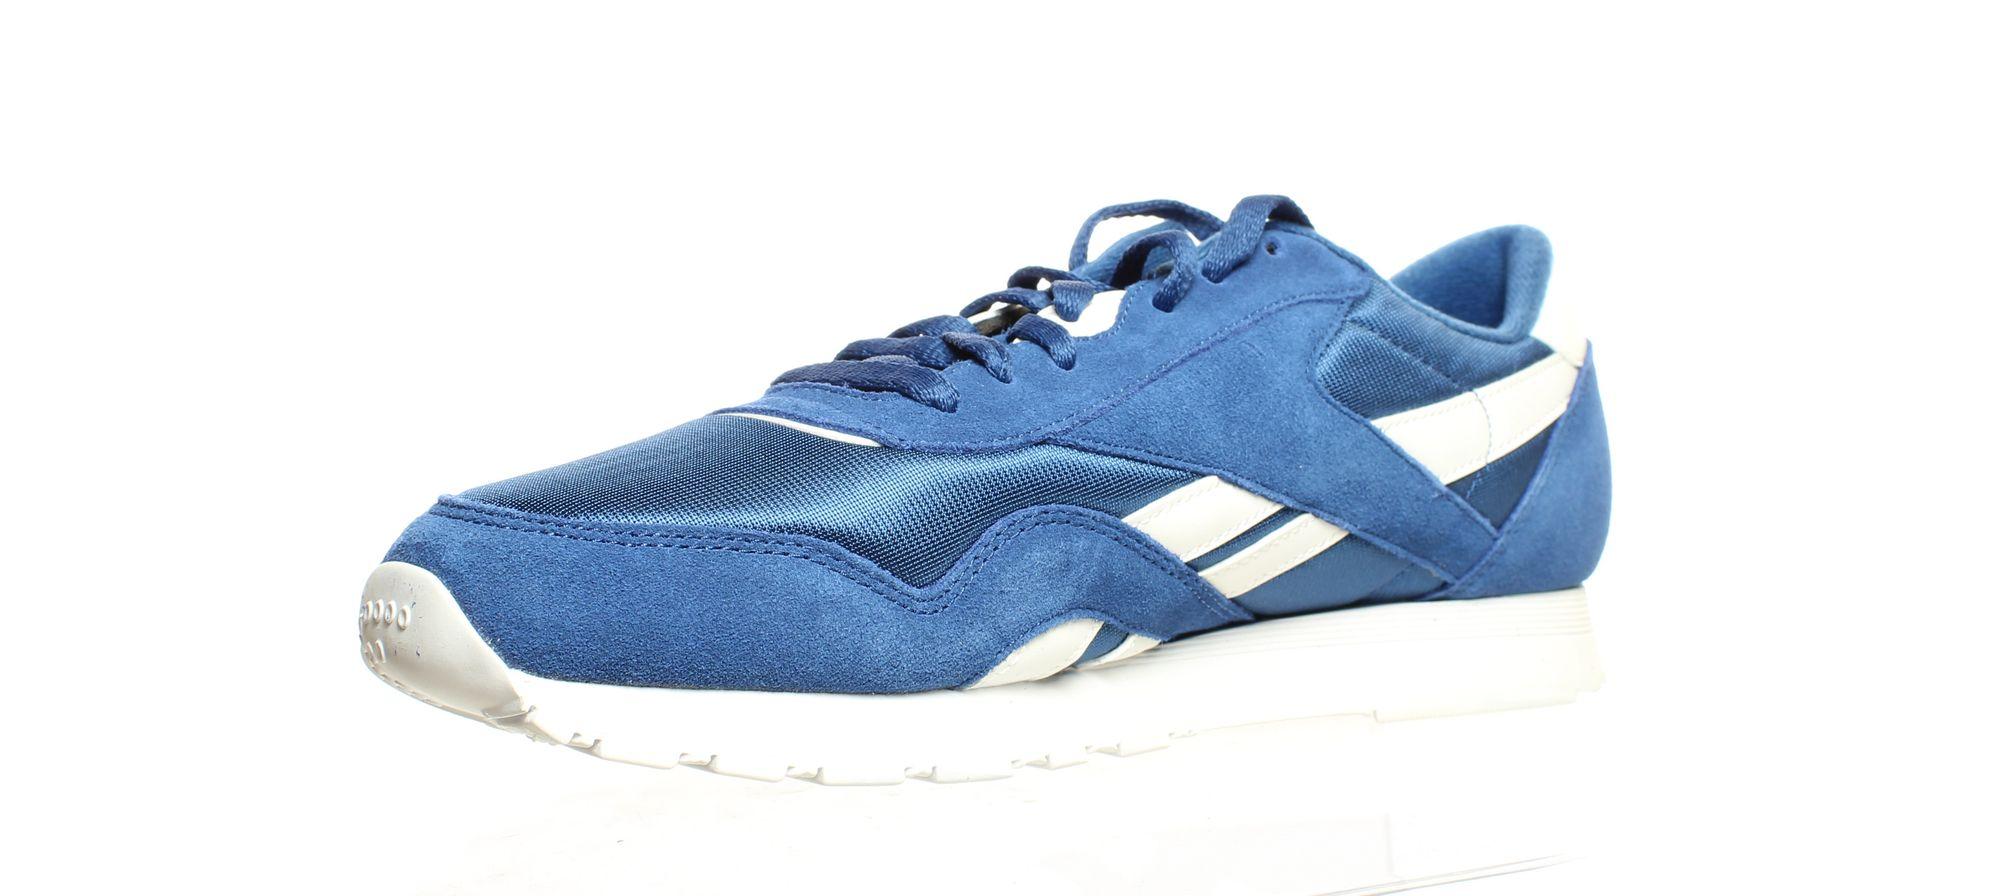 Reebok-Mens-Cl-Nylon-Fashion-Sneakers thumbnail 15